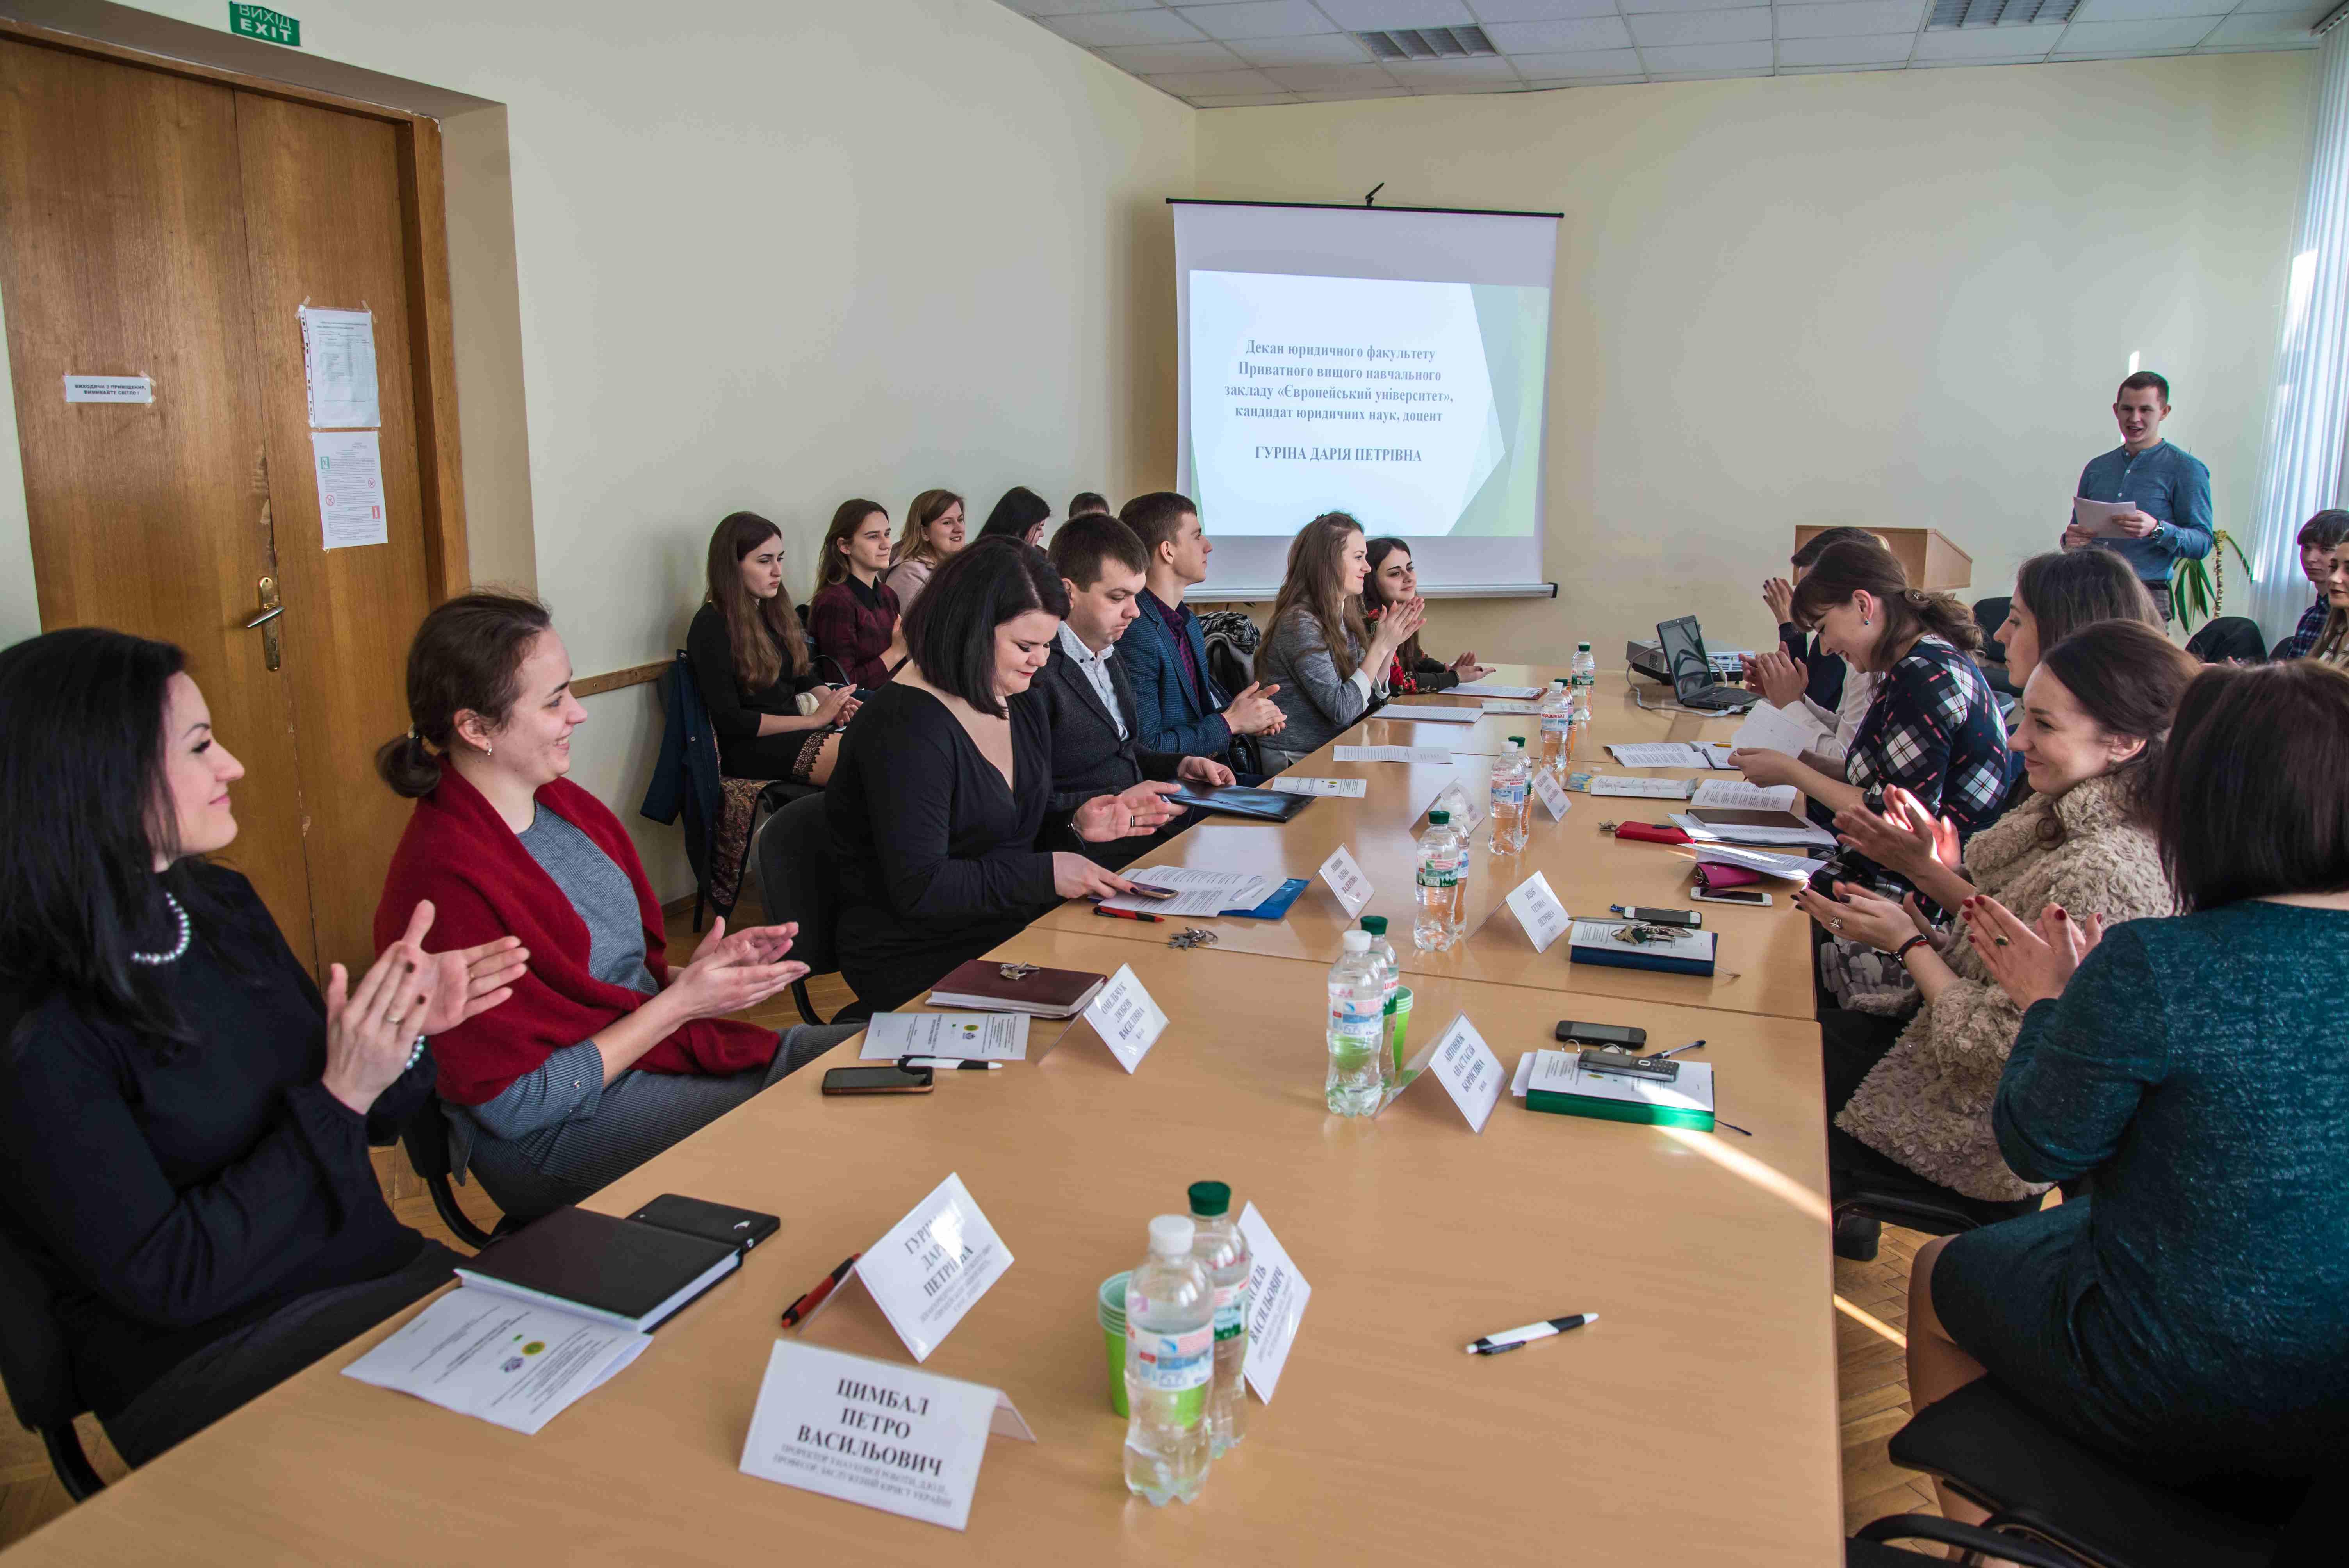 ХІ Всеукраїнська студентська науково-практична конференція «Правове життя: сучасний стан та перспективи розвитку»